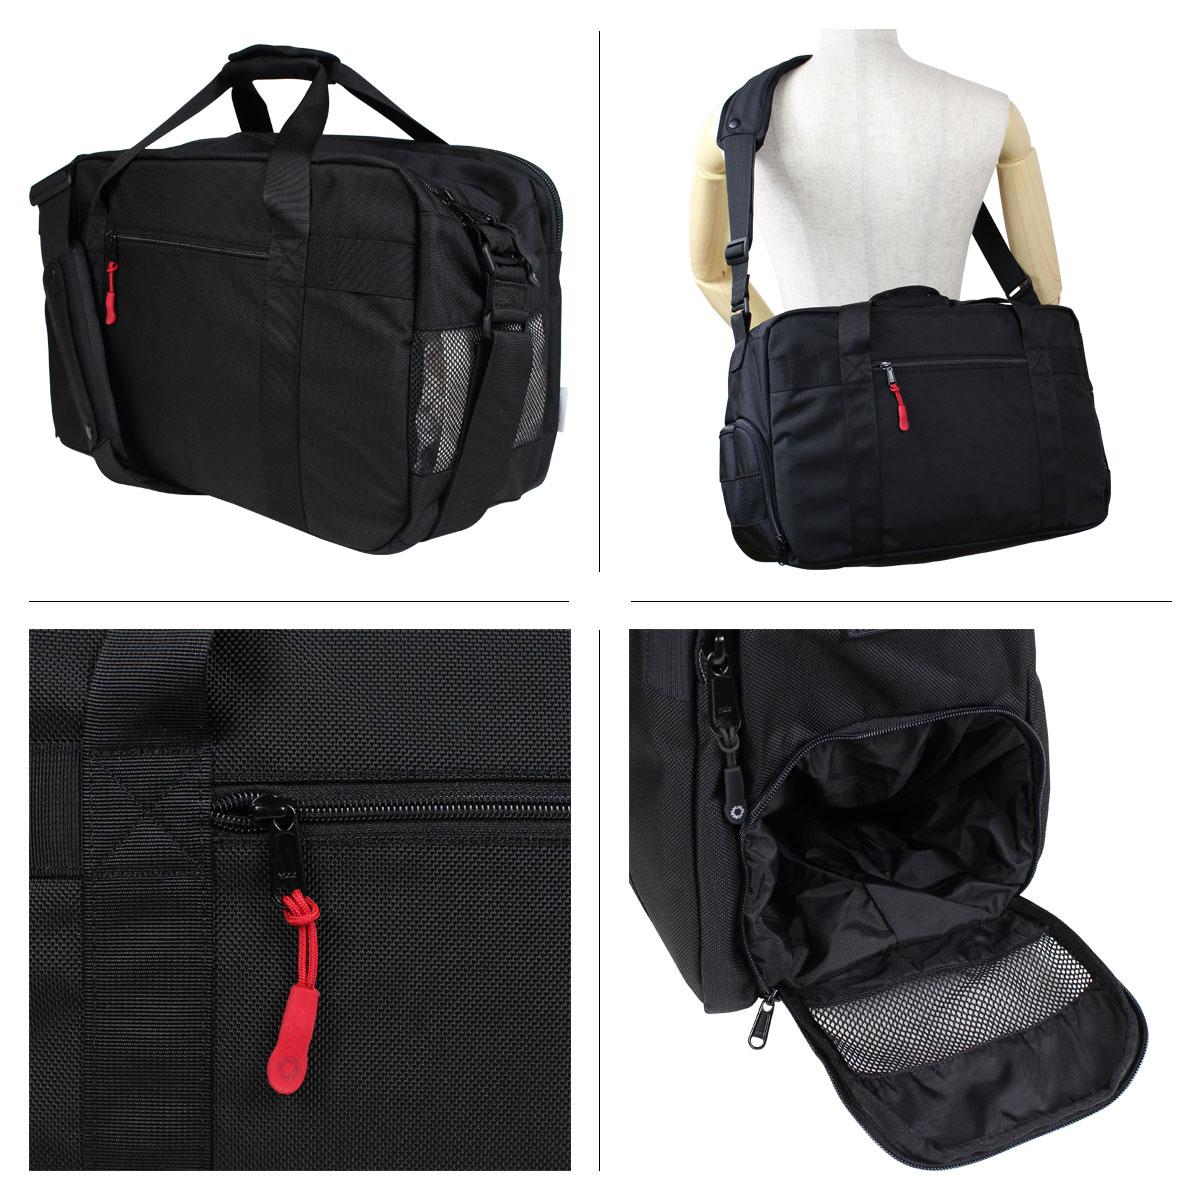 361926a962 DSPTCH GYM WORK BAG dispatch bag gym bag men gap Dis 23L black PCK-GW  10 9  Shinnyu load   1810